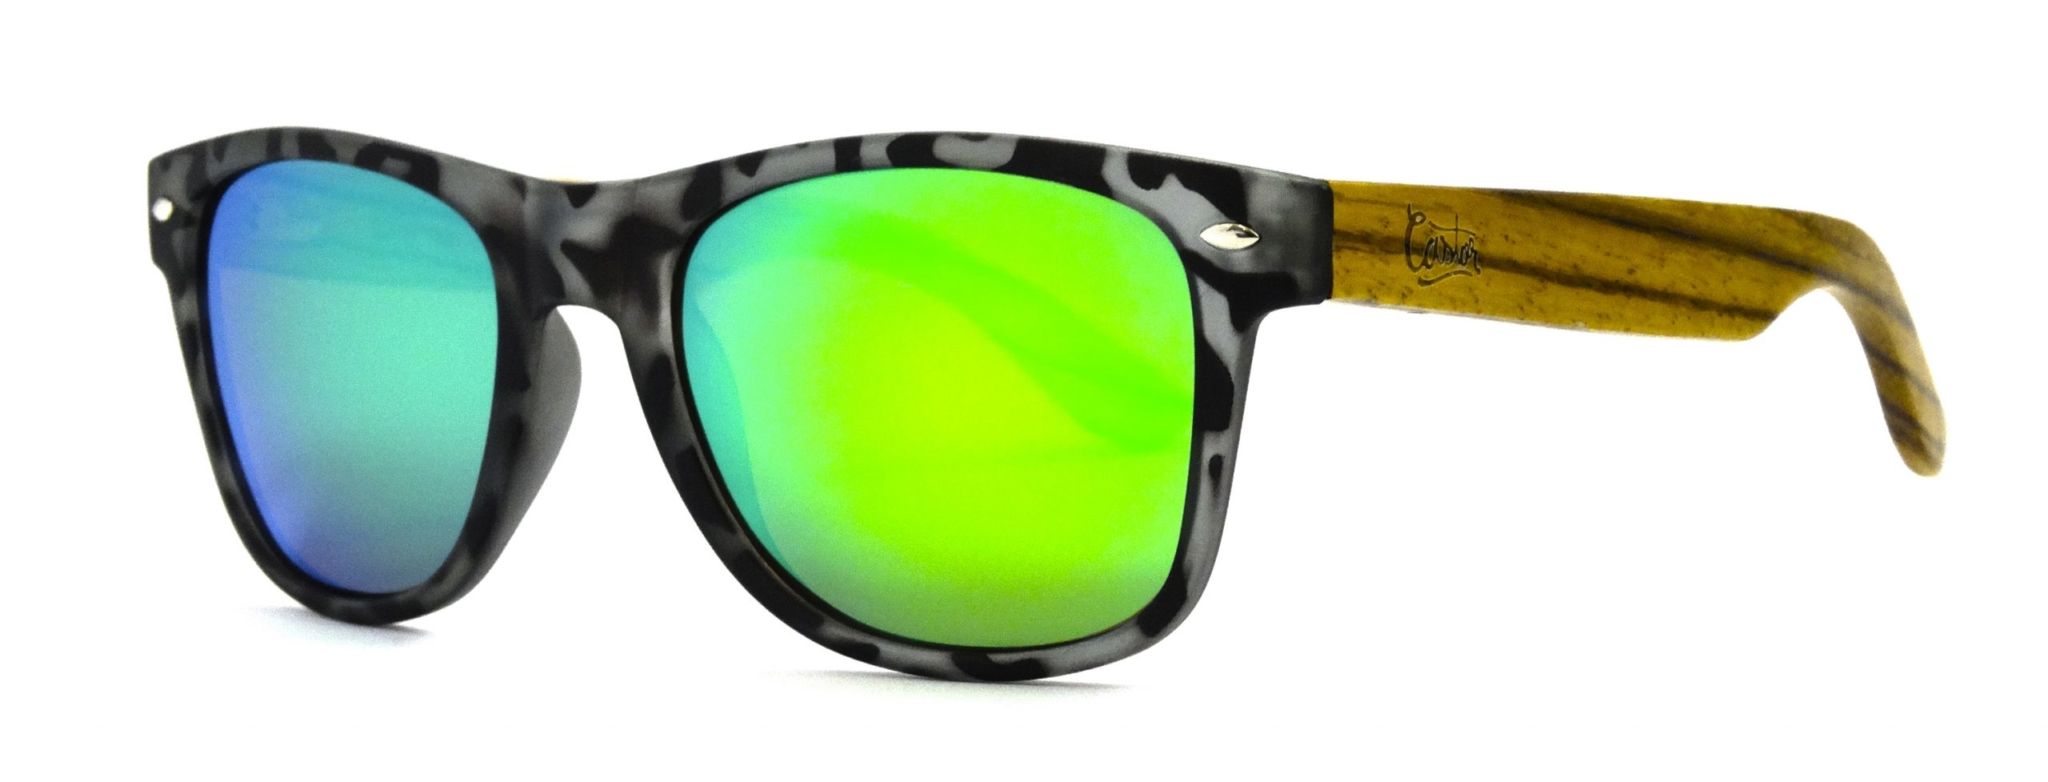 a3d00402-129b-gafas-de-sol